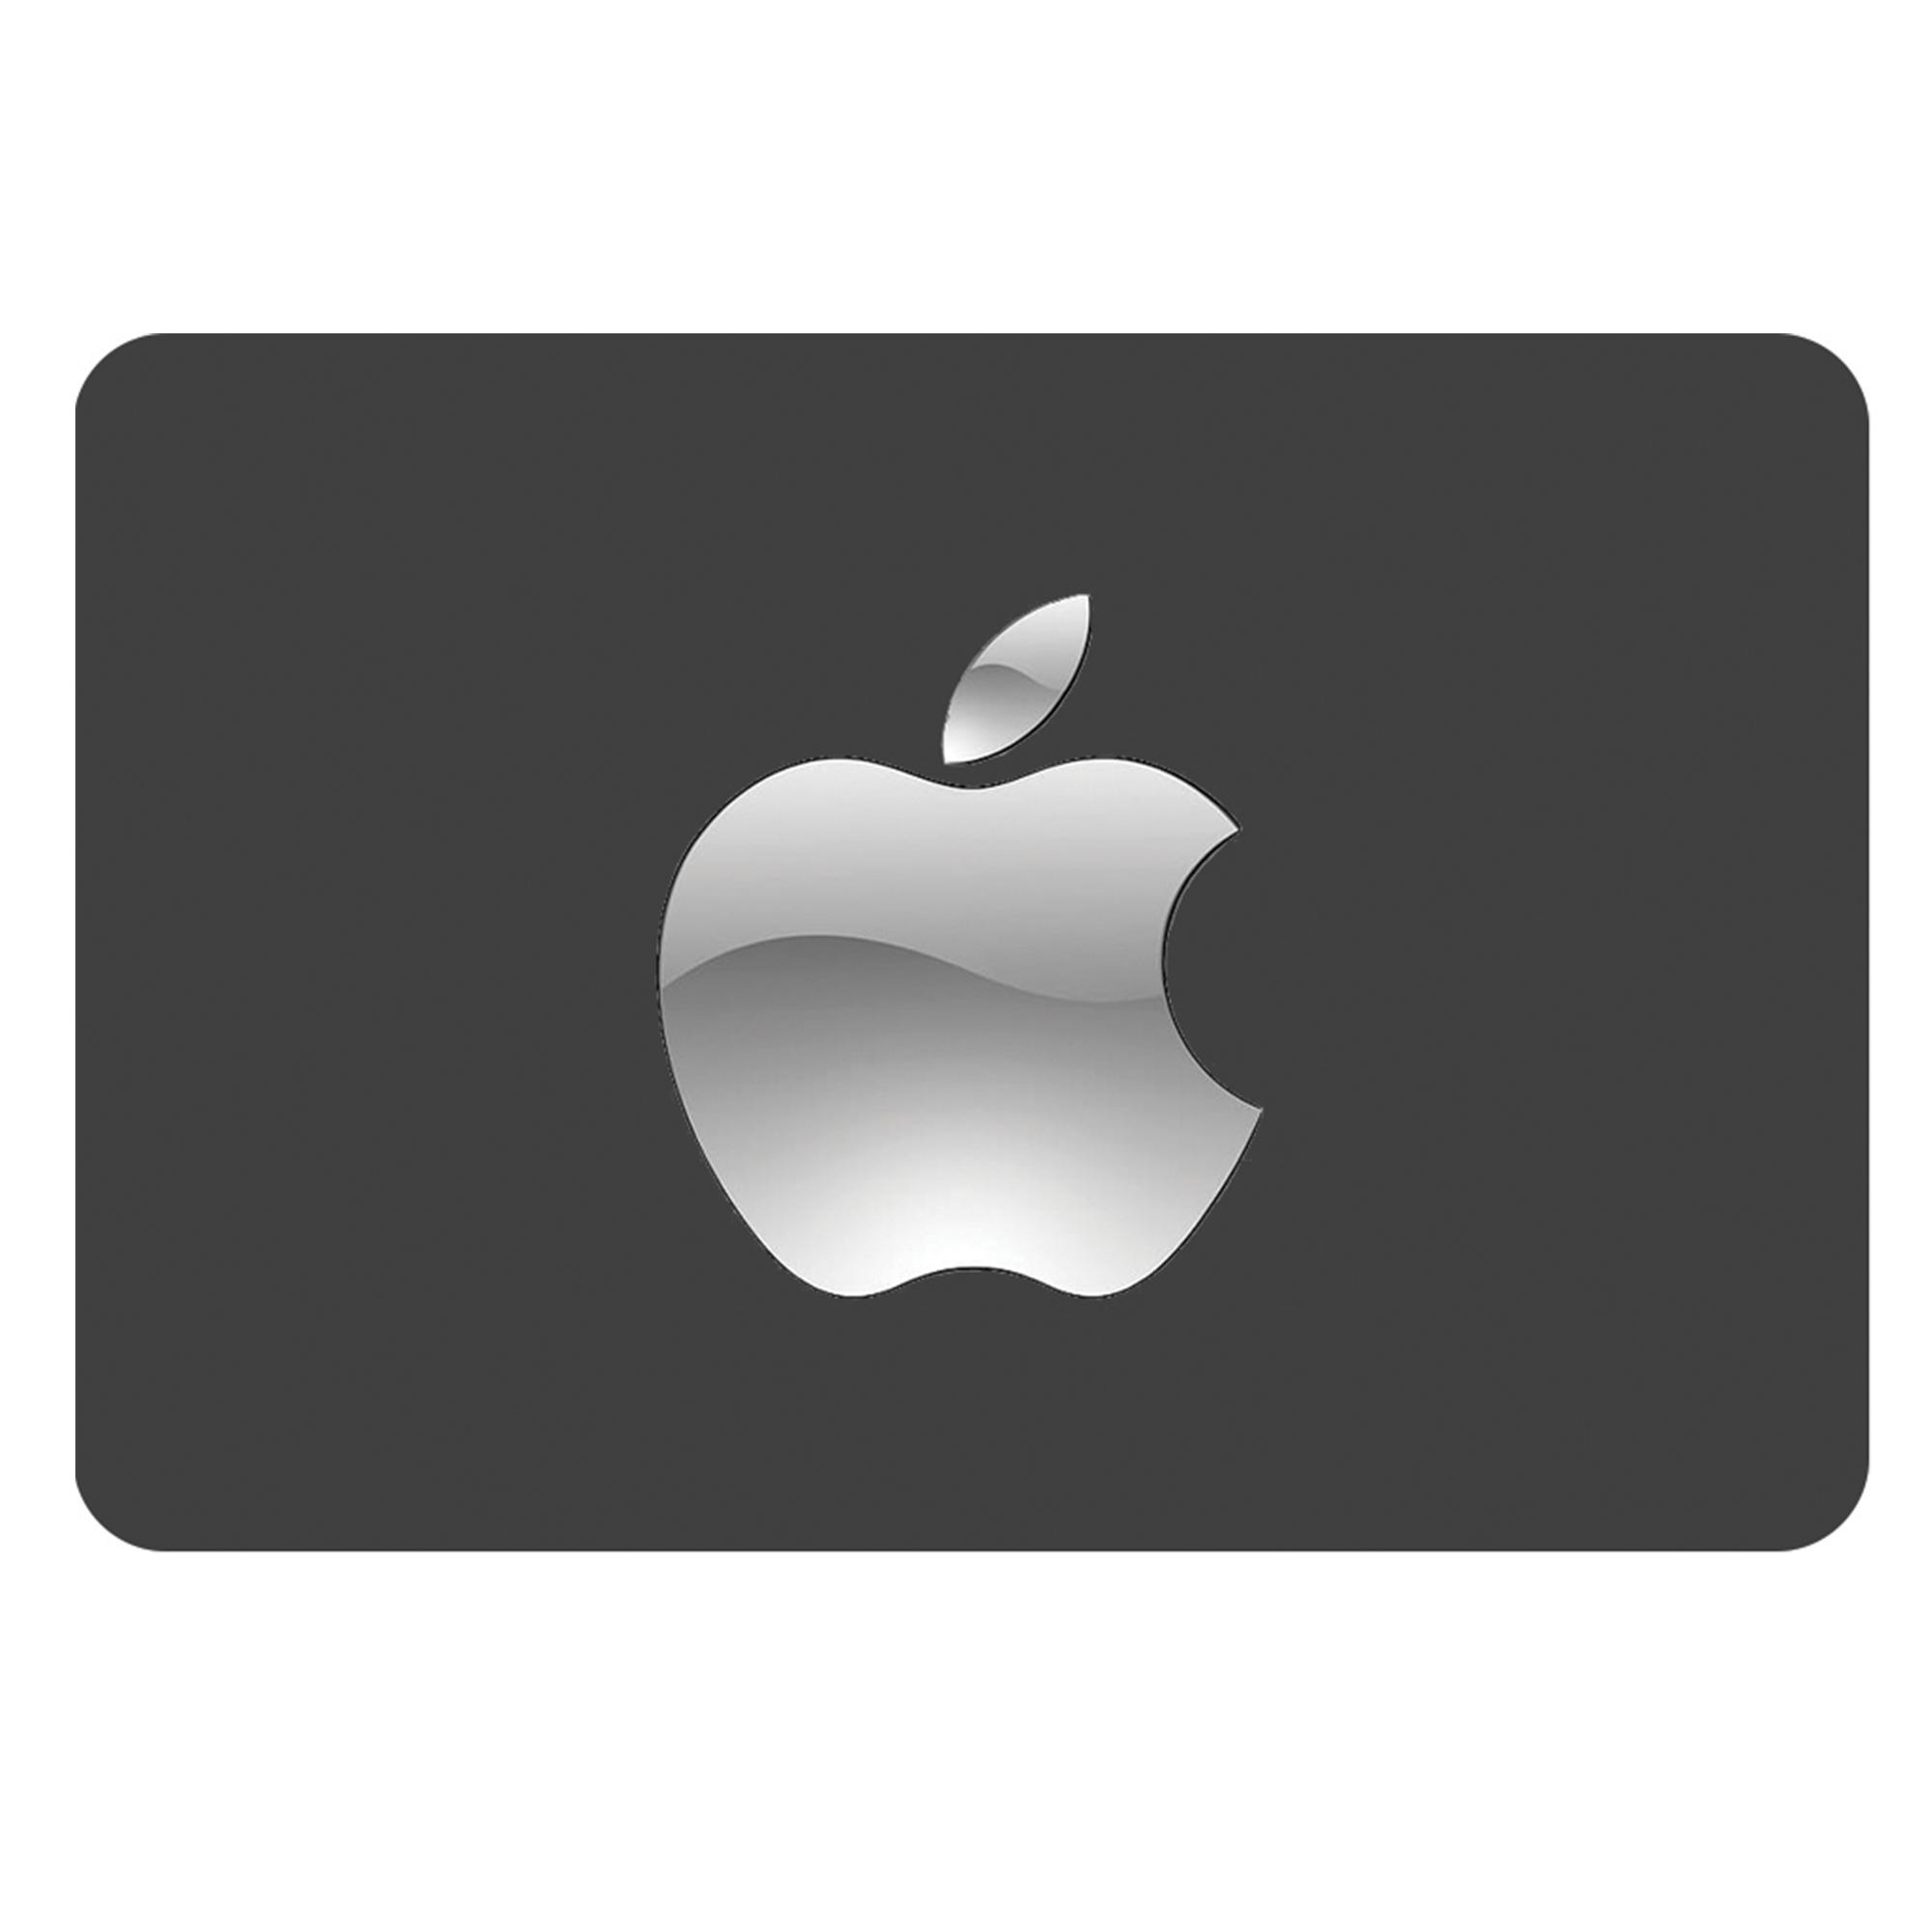 کارت اپل آیدی بدون اعتبار اولیه مدل appleid-g5